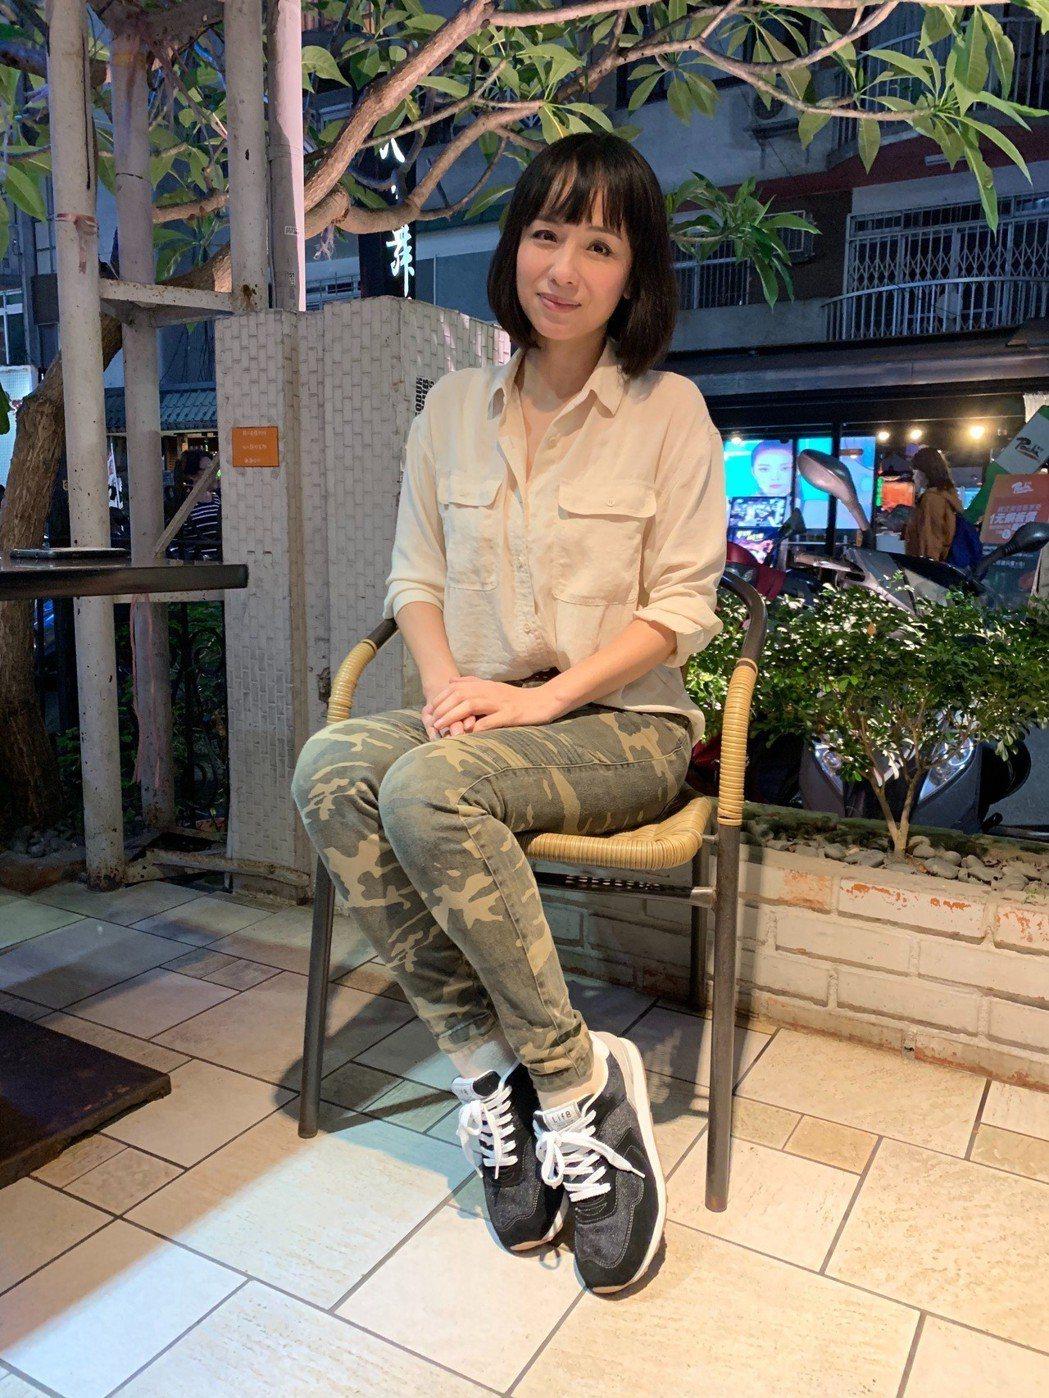 演員陳怡真外表凍齡,看不出已出道近30年。記者陳慧貞/攝影